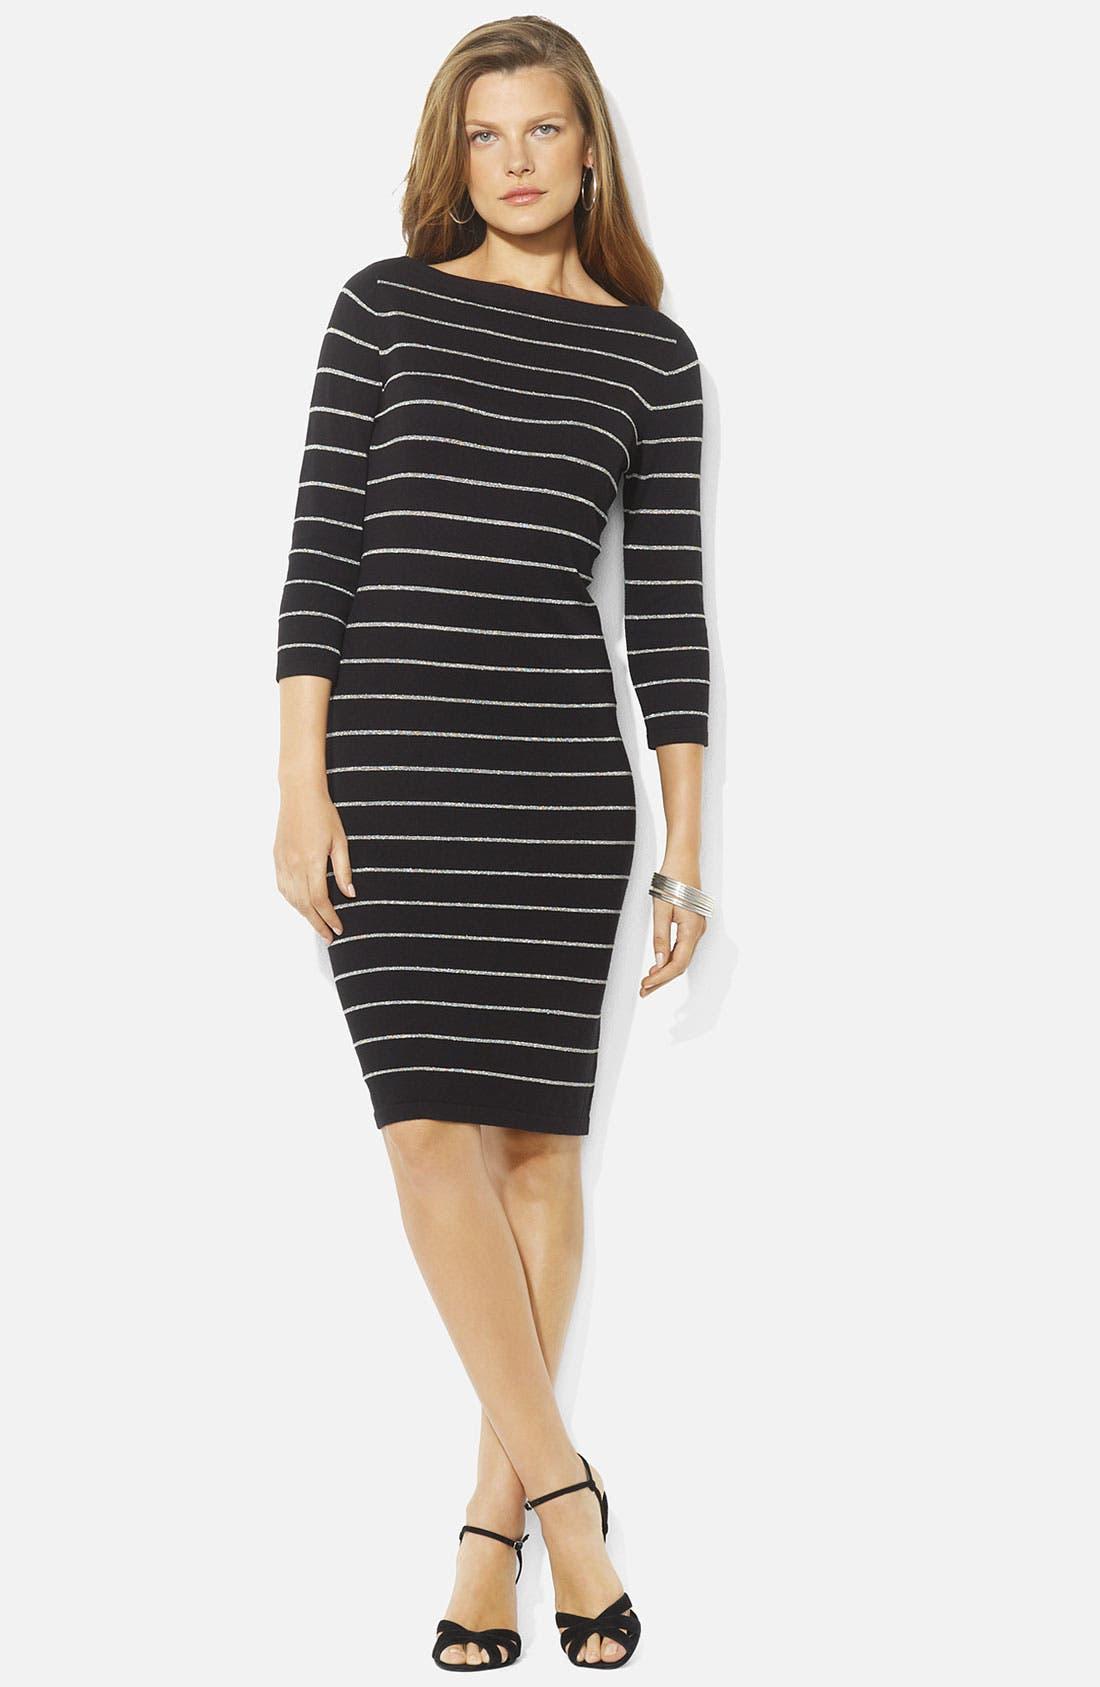 Alternate Image 1 Selected - Lauren Ralph Lauren Metallic Strip Dress